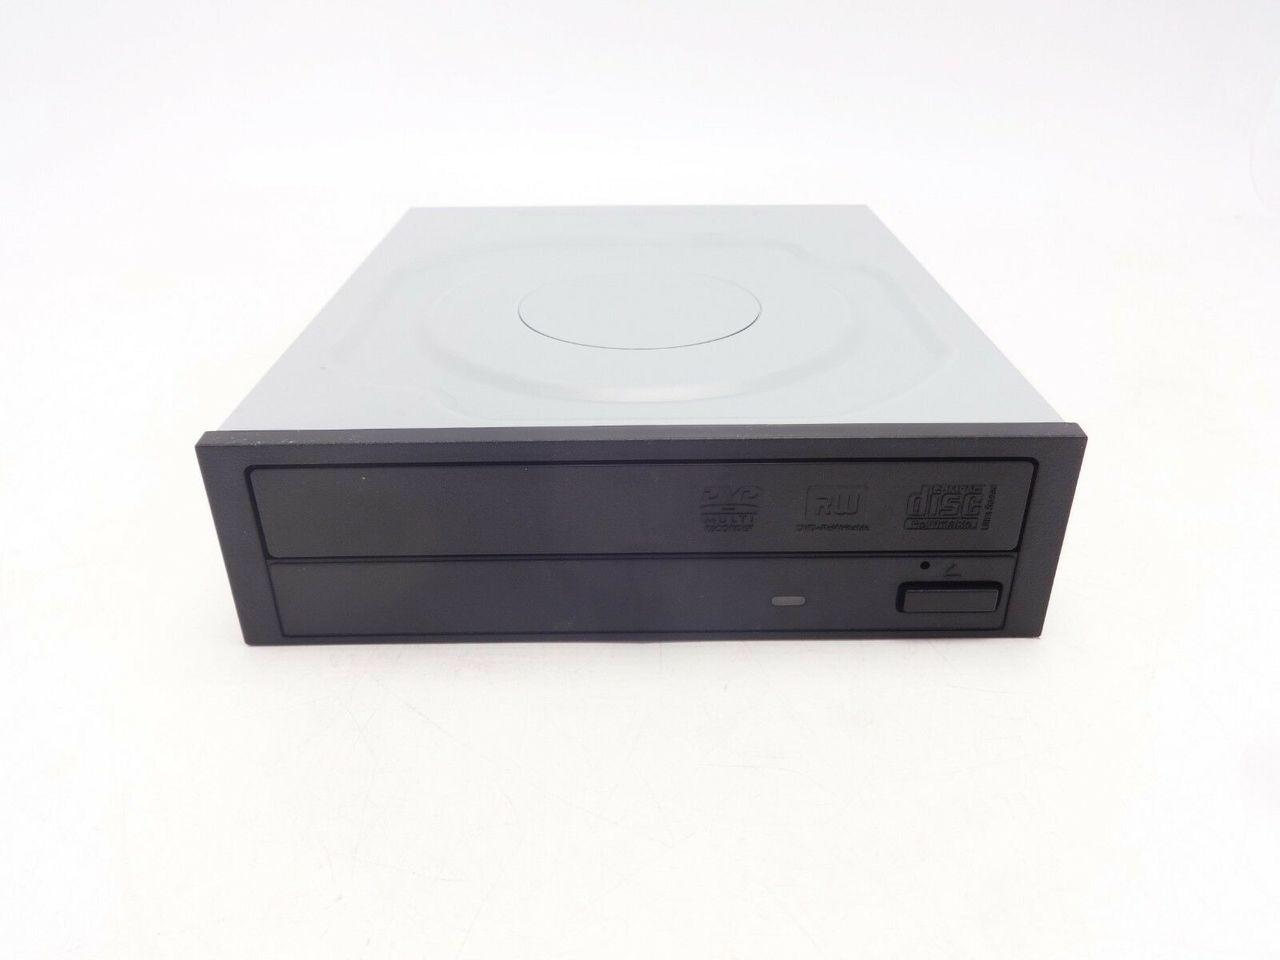 Dell PHF8J 16x DVD R/W SATA Drive